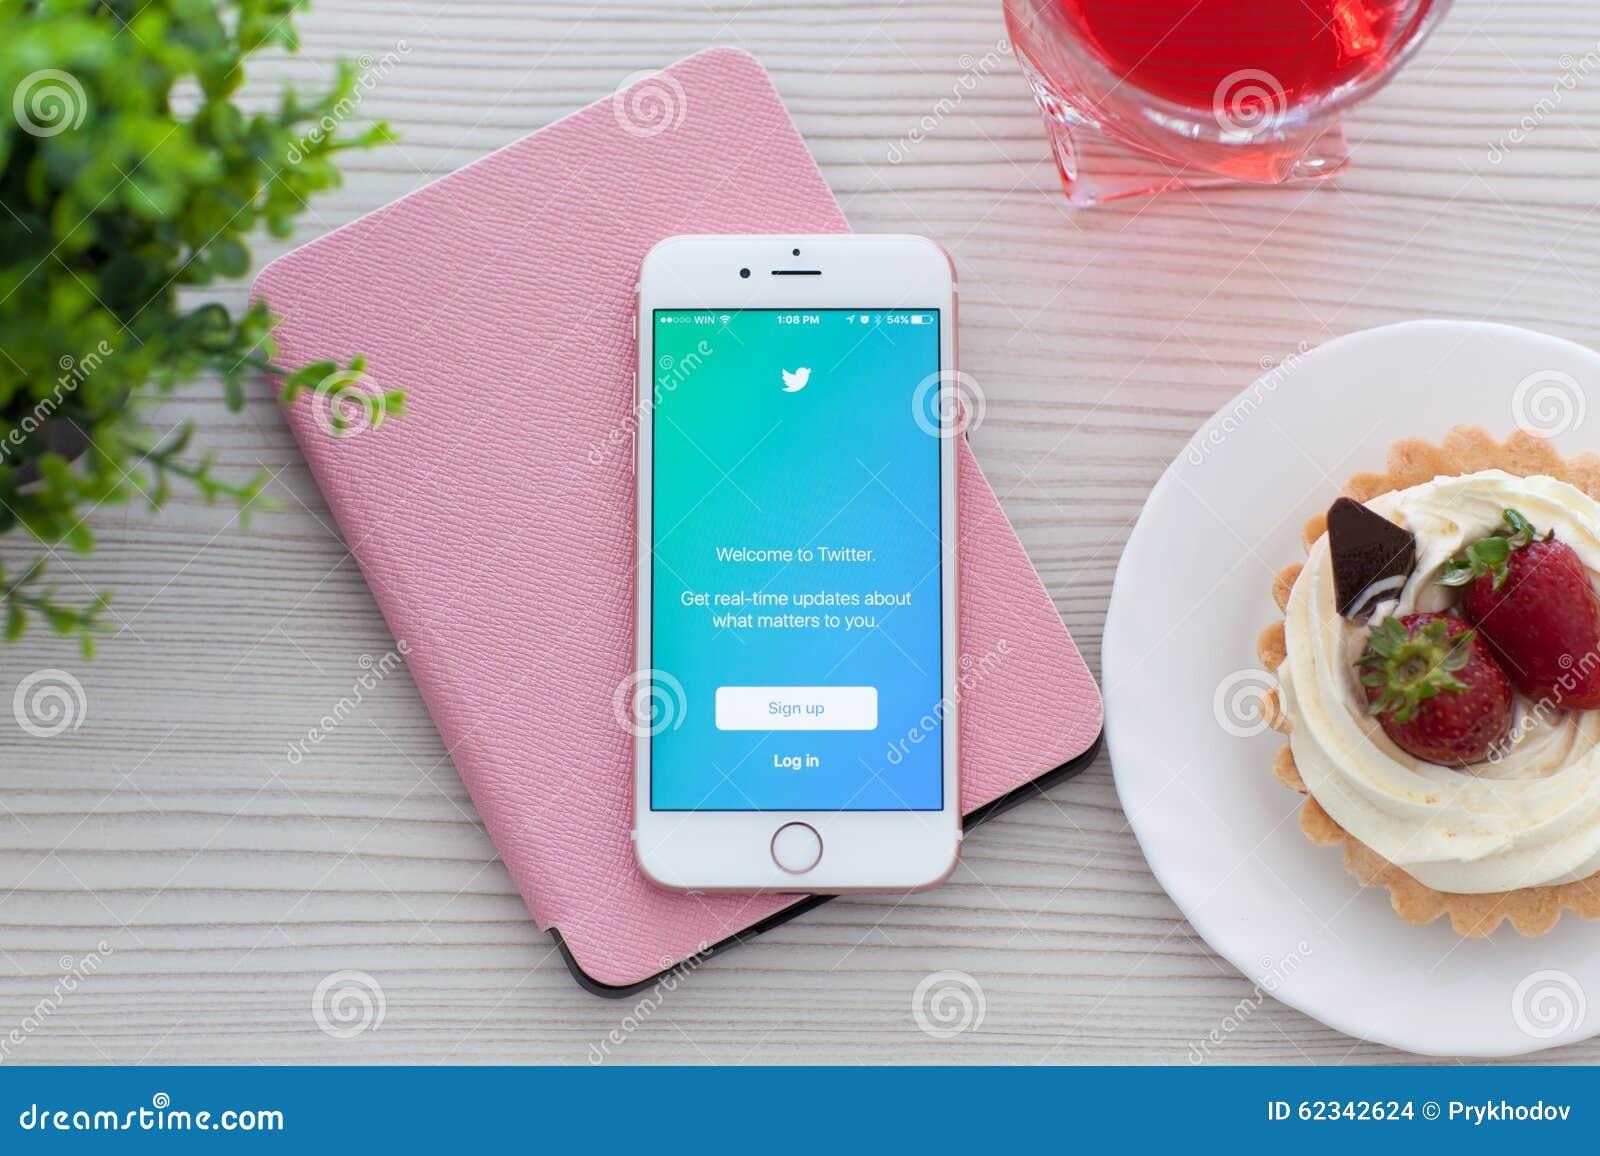 iphone 6s rose gold mit app twitter auf dem tisch